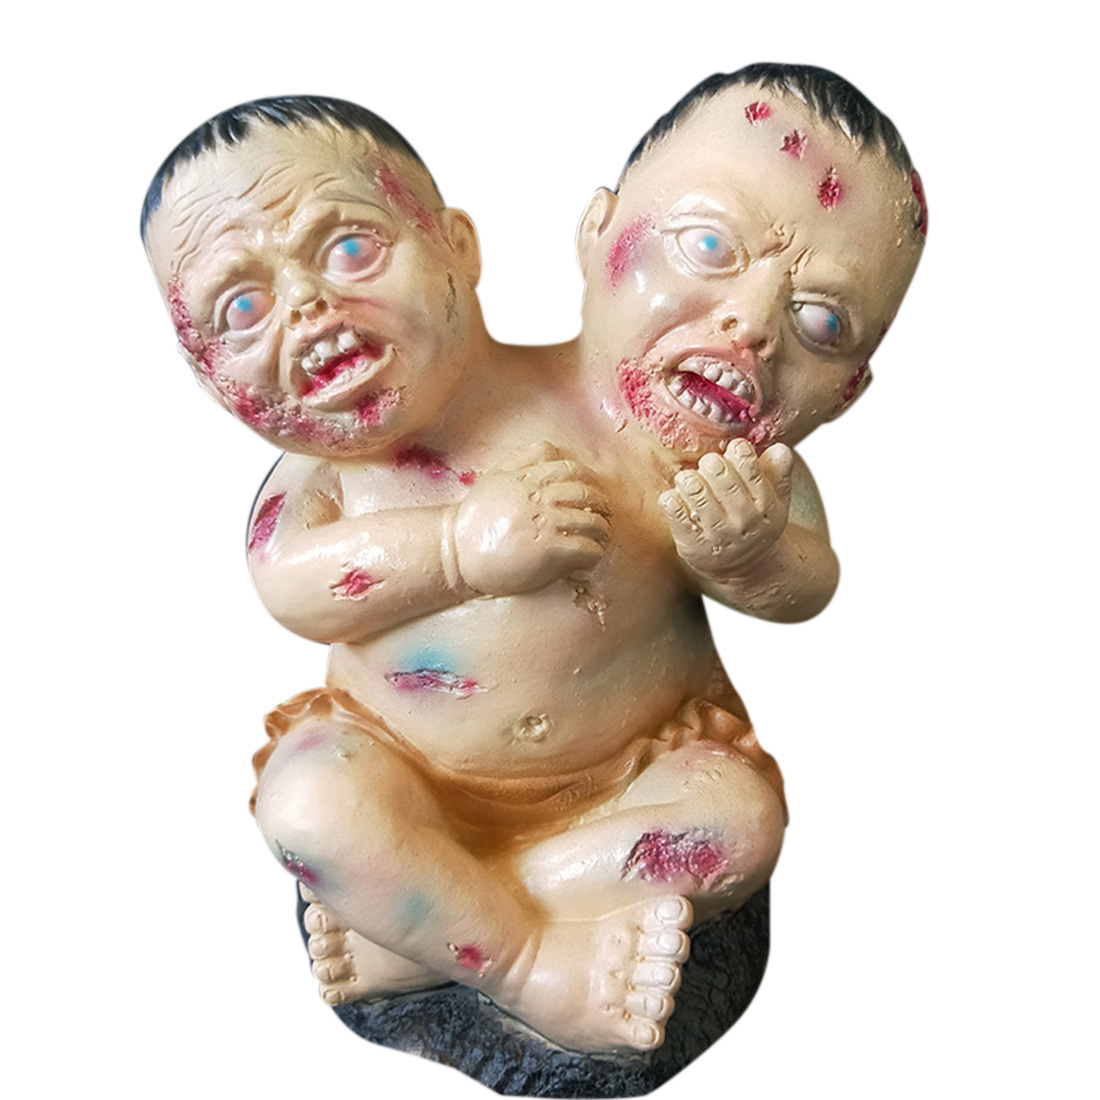 30x21 cm Halloween horreur accessoires Double tête jouets sanglant bébé jouets décoration Halloween fête ornement